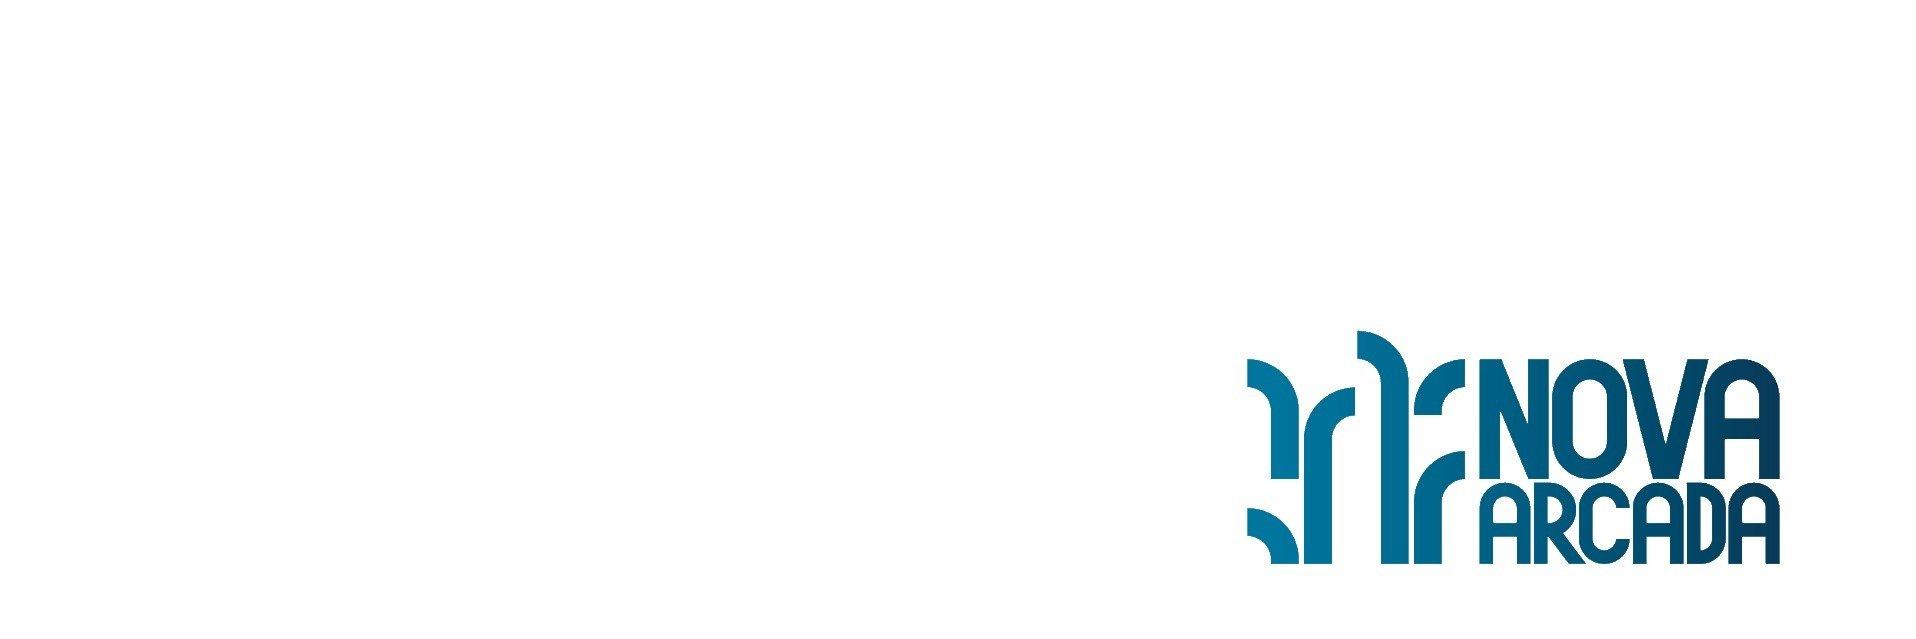 Nova Arcada renova selo de higiene e segurança com certificação SGS